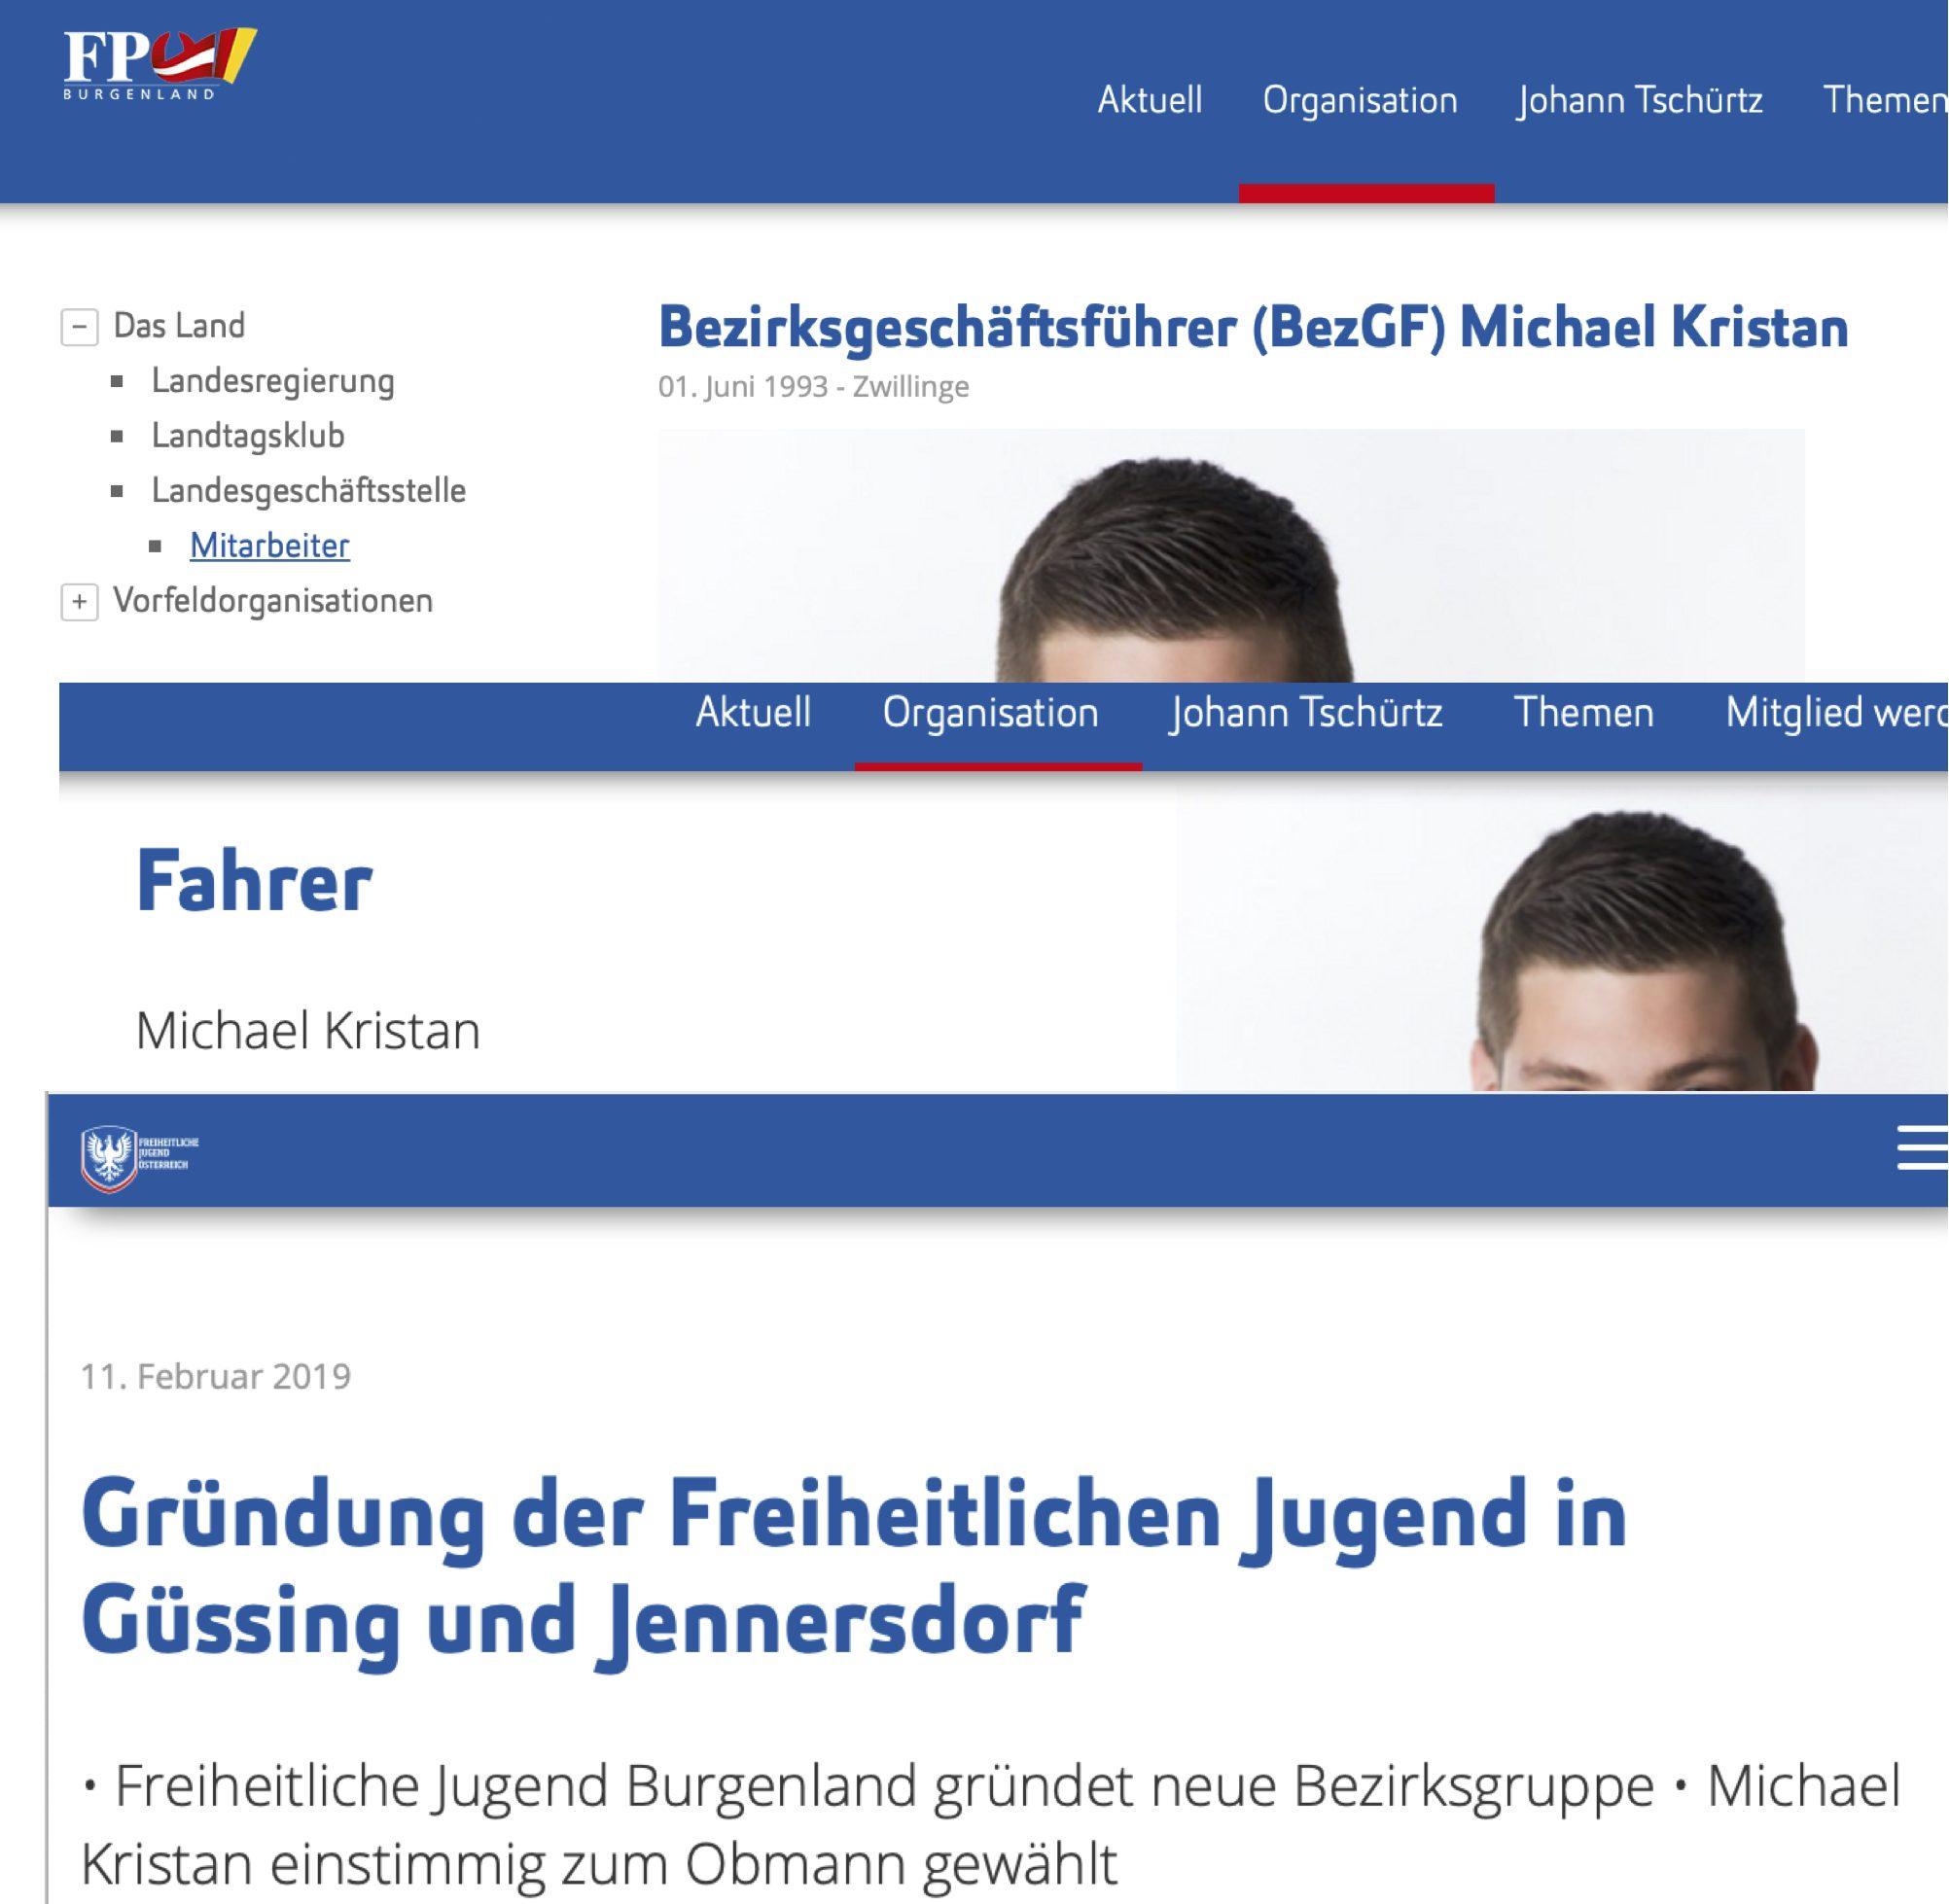 Michael Kristan: Bezrksgeschäftsführer, Fahrer, Obmann RFJ Güssing/Jennersdorf